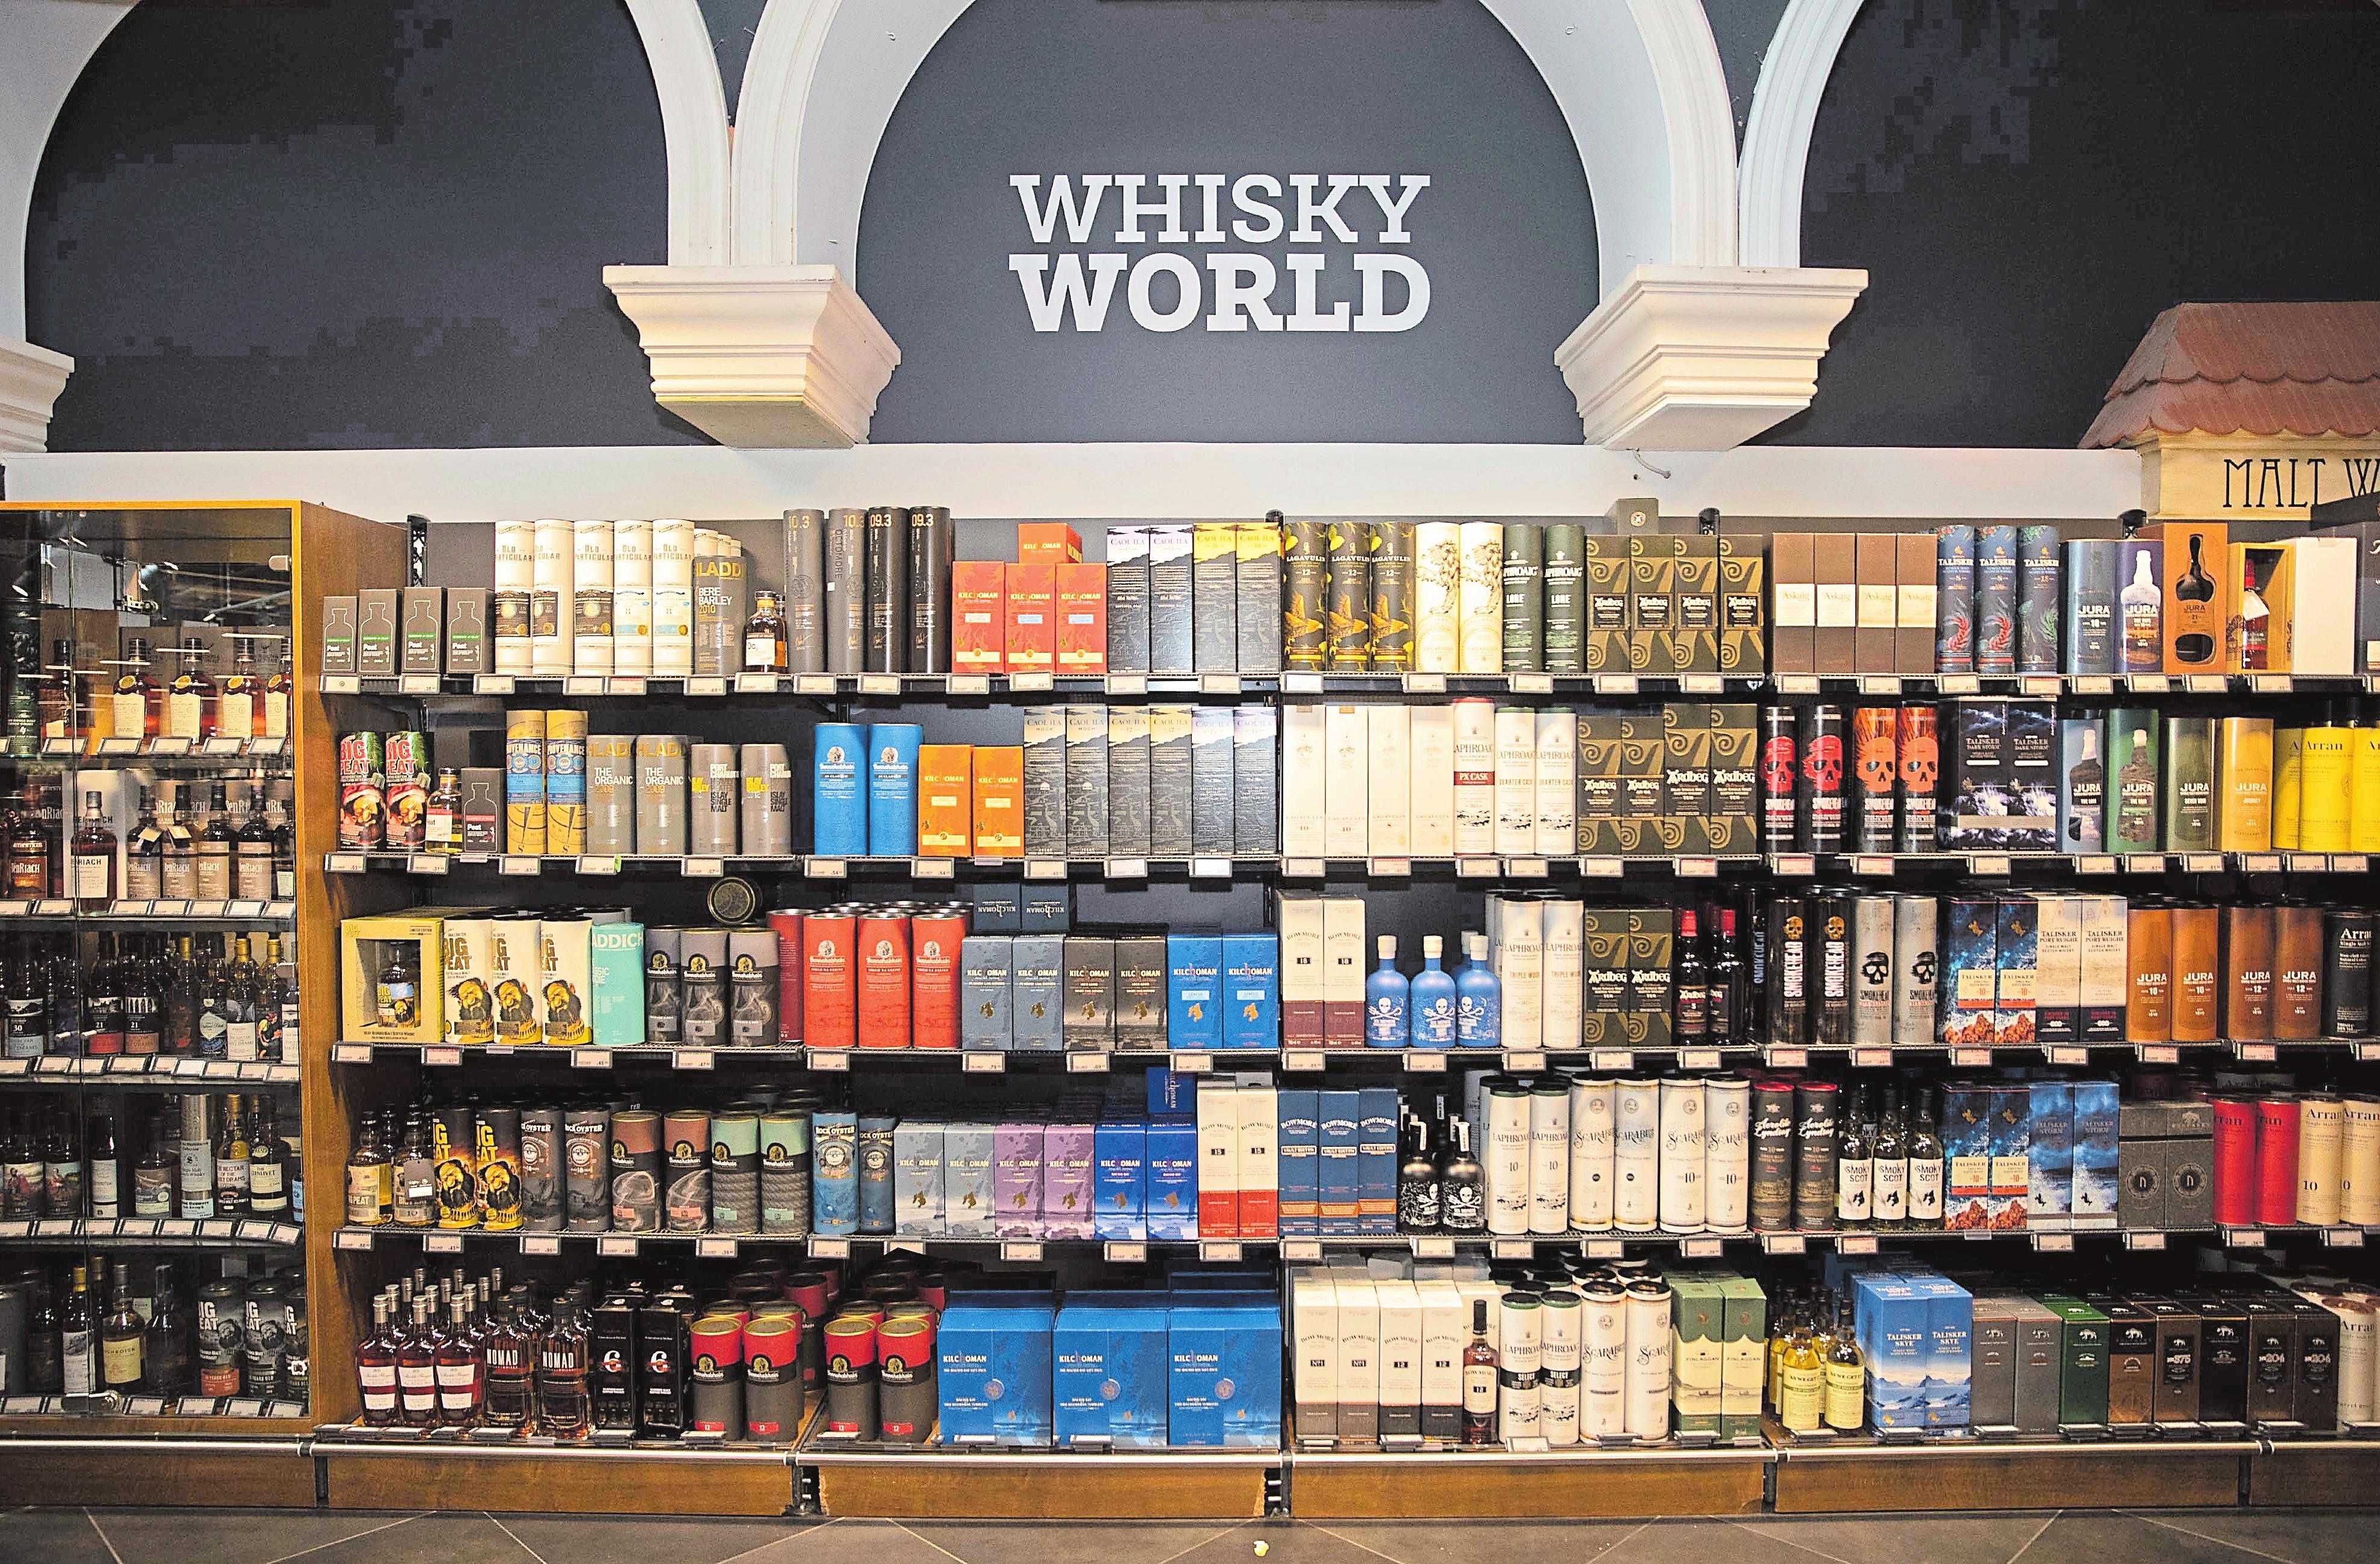 900+ Referenzen: Massen hat die größte Whiskeyauswahl des Landes. Steve Eastwood